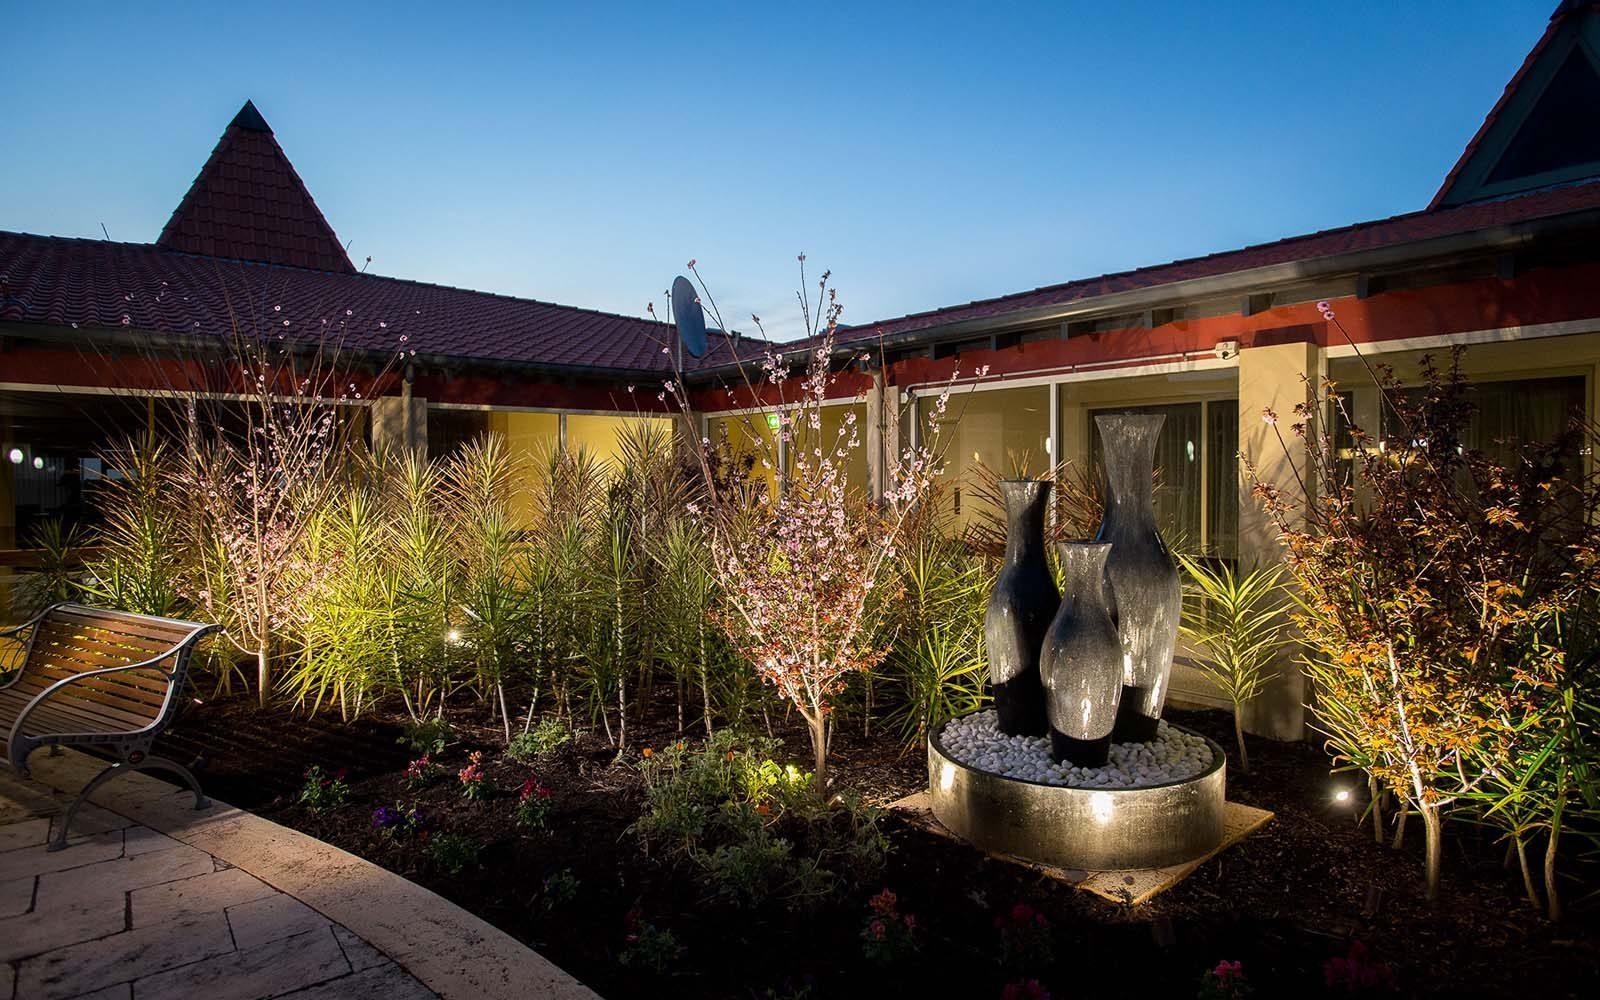 garden in retirement facilities